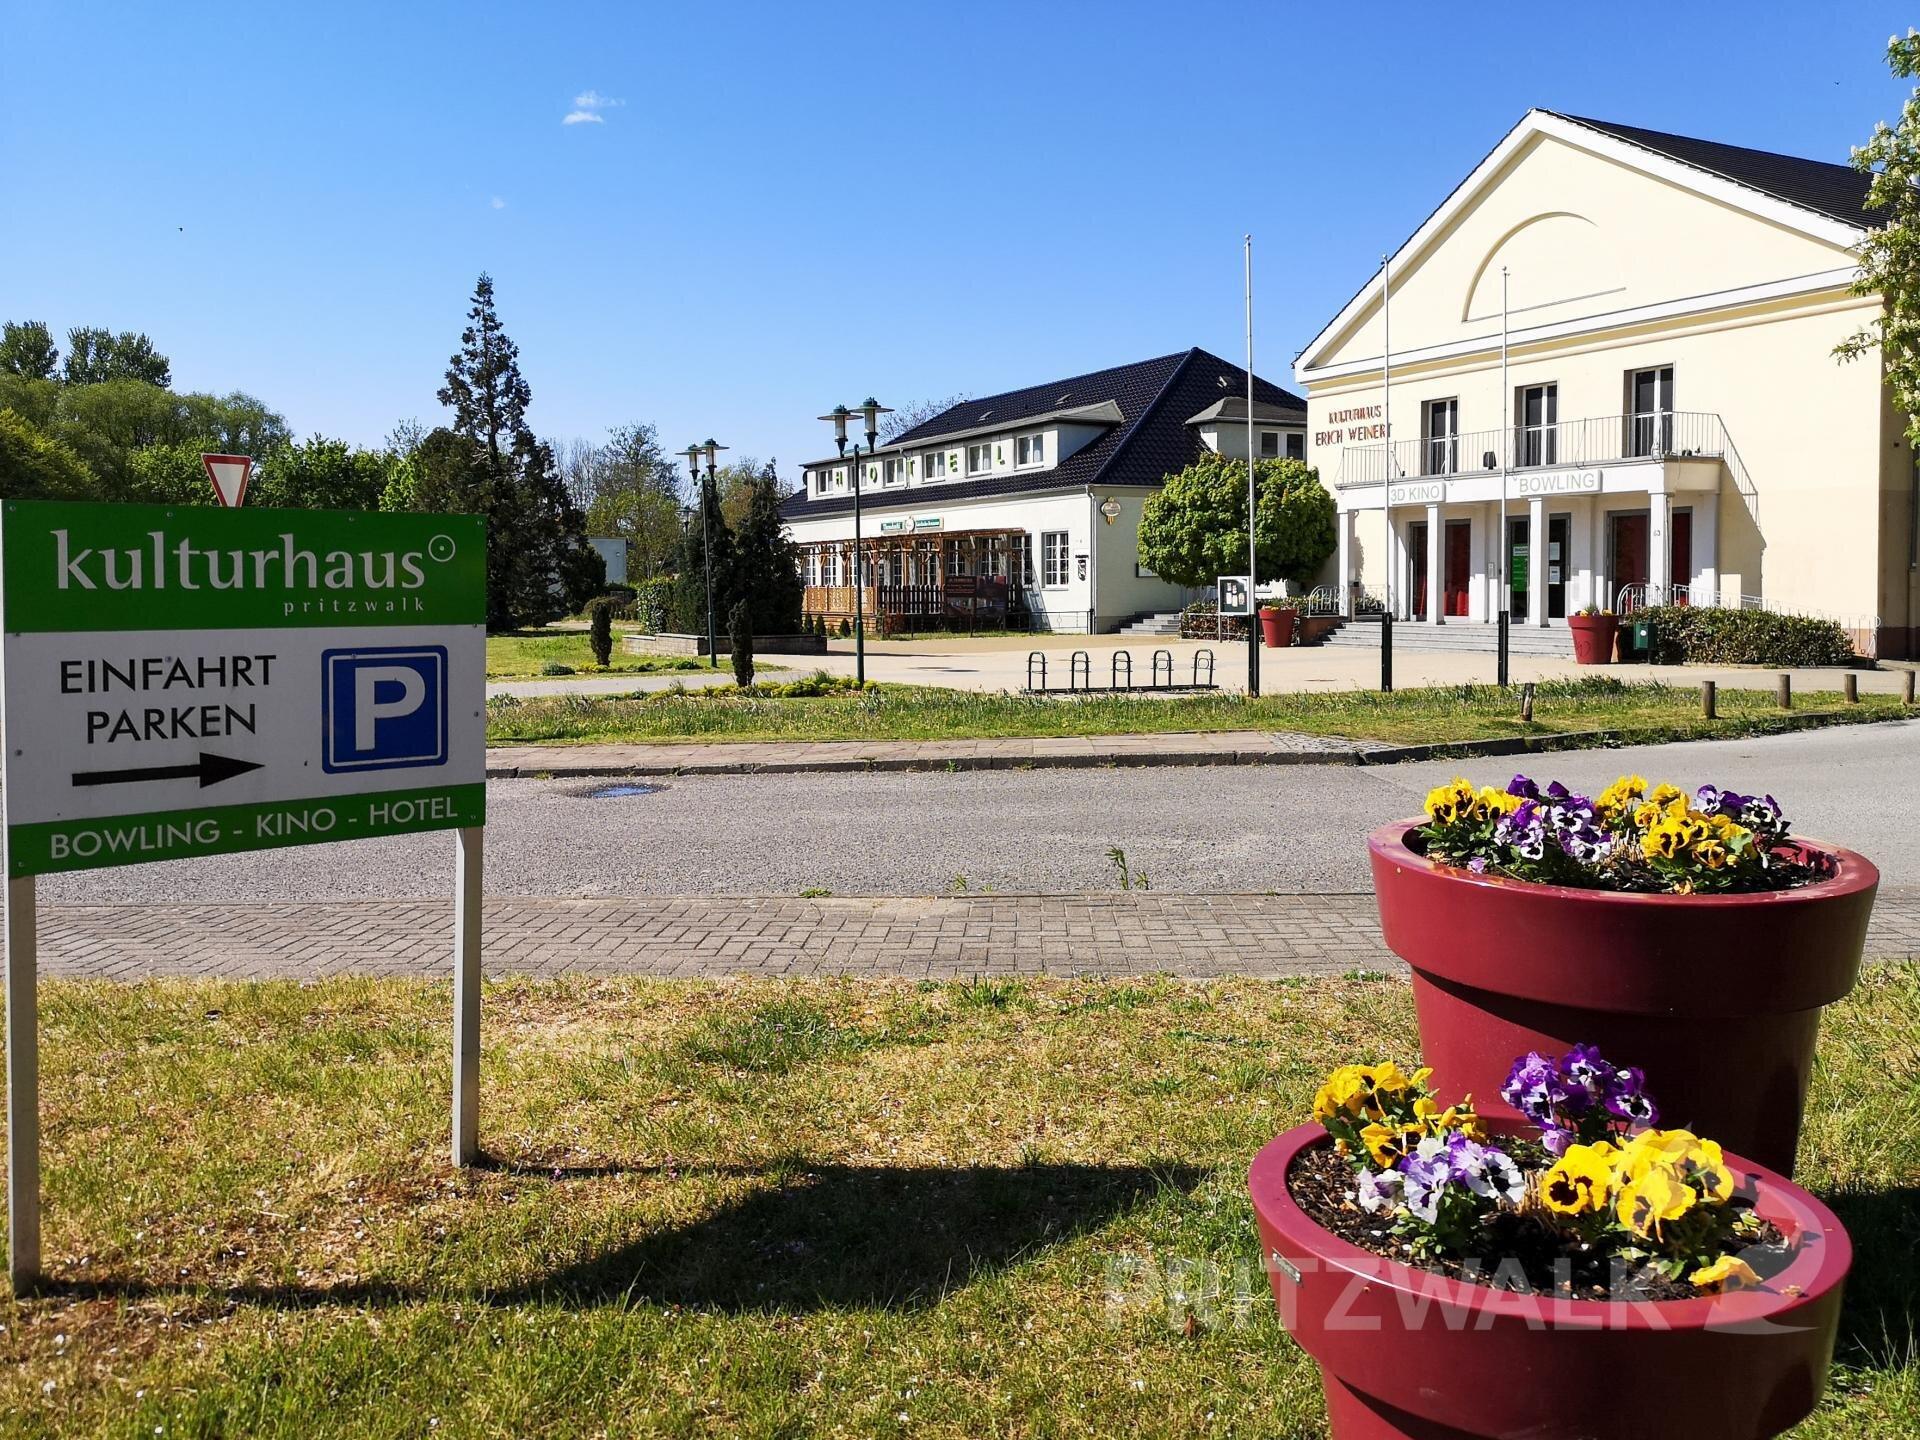 Das Kulturhaus und das Hotel mit Gastronomie.